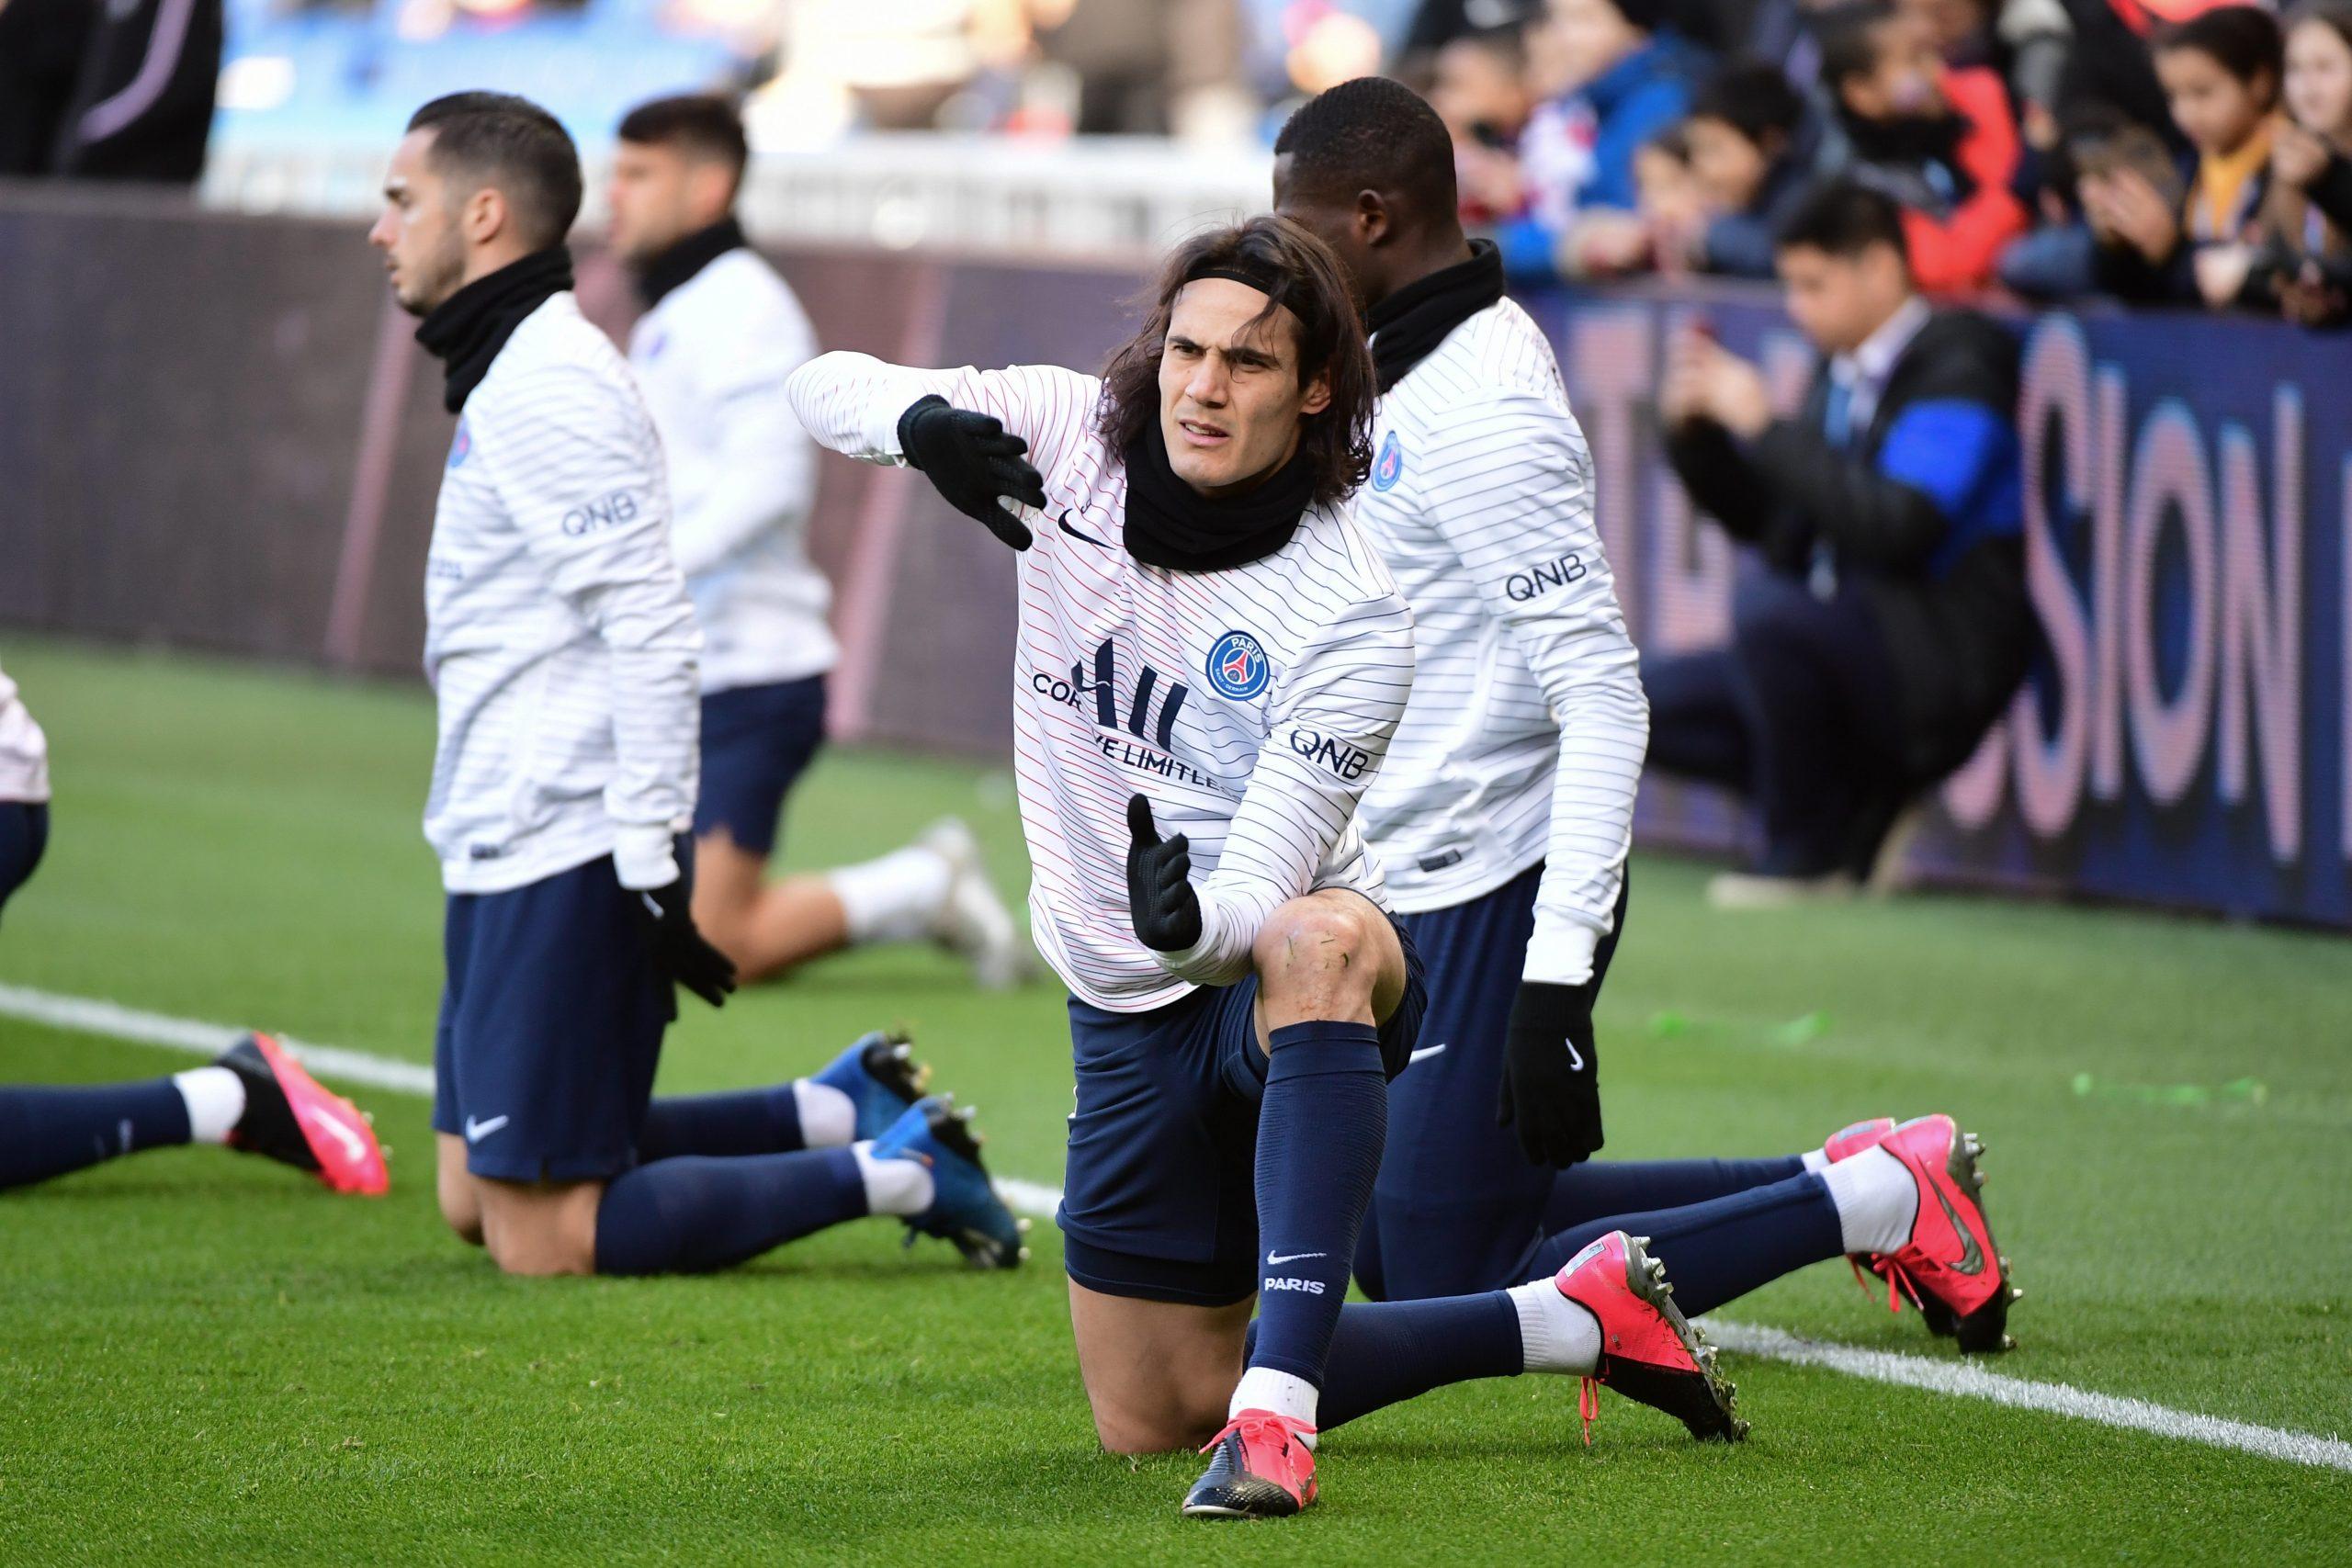 RMC Sport donne des détails sur le programme de maintien en forme des joueurs du PSG